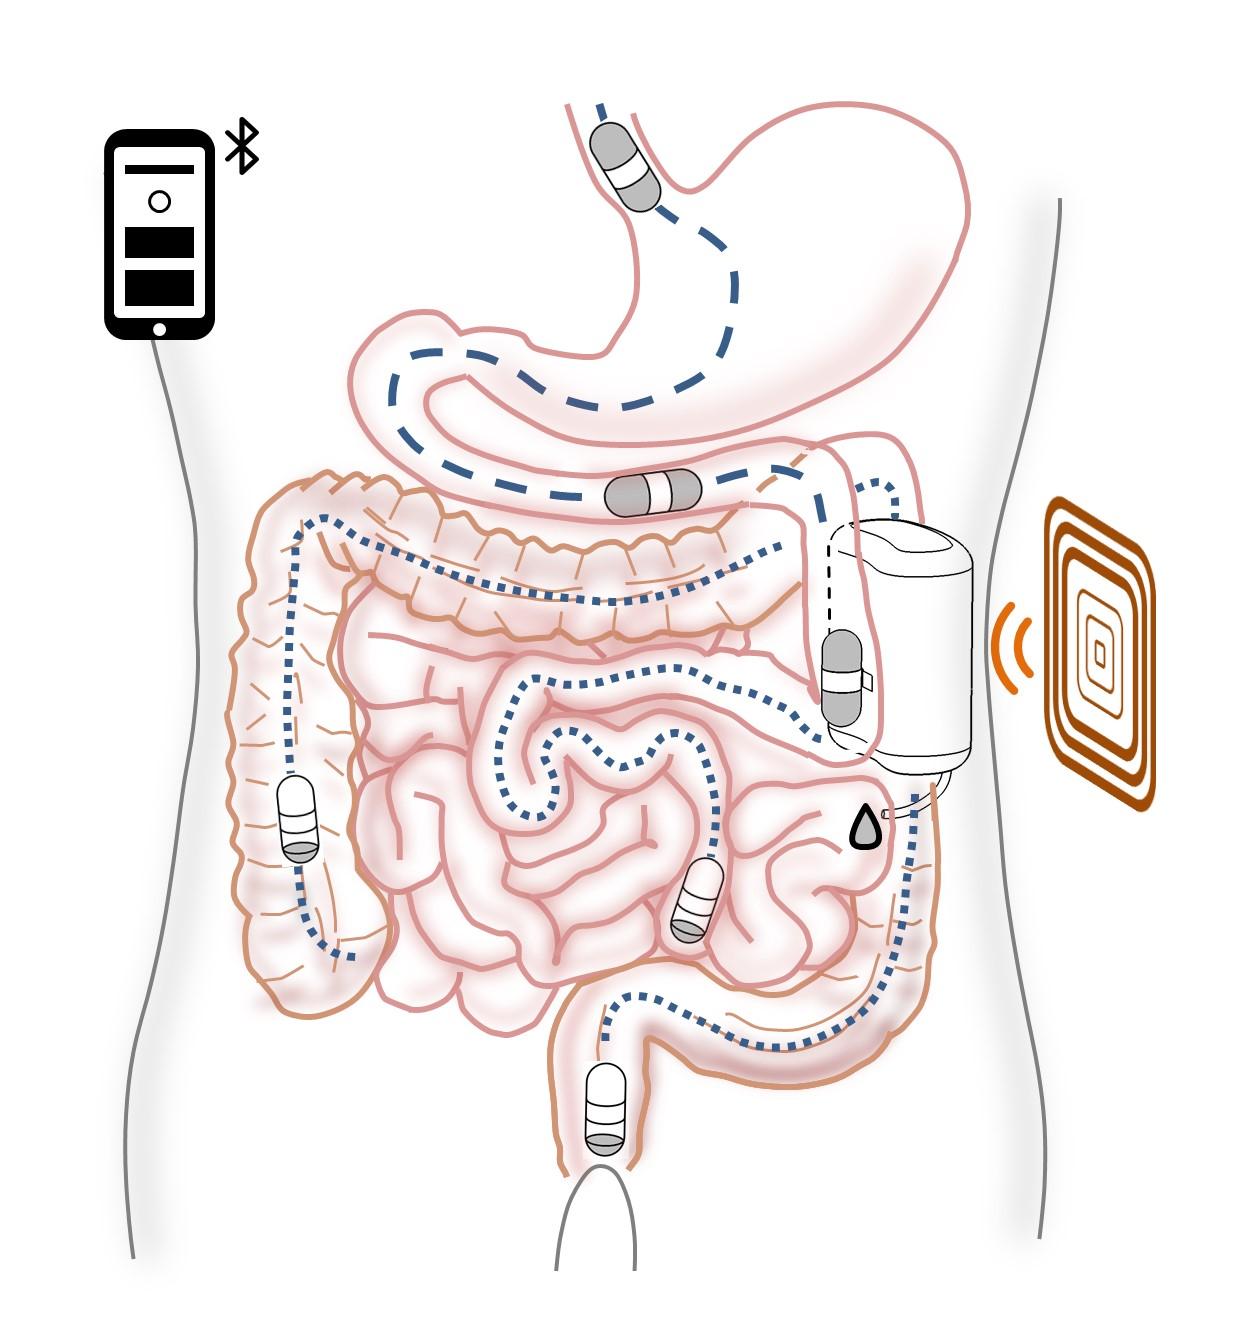 Pompa di insulina autoricaricabile con una pillola